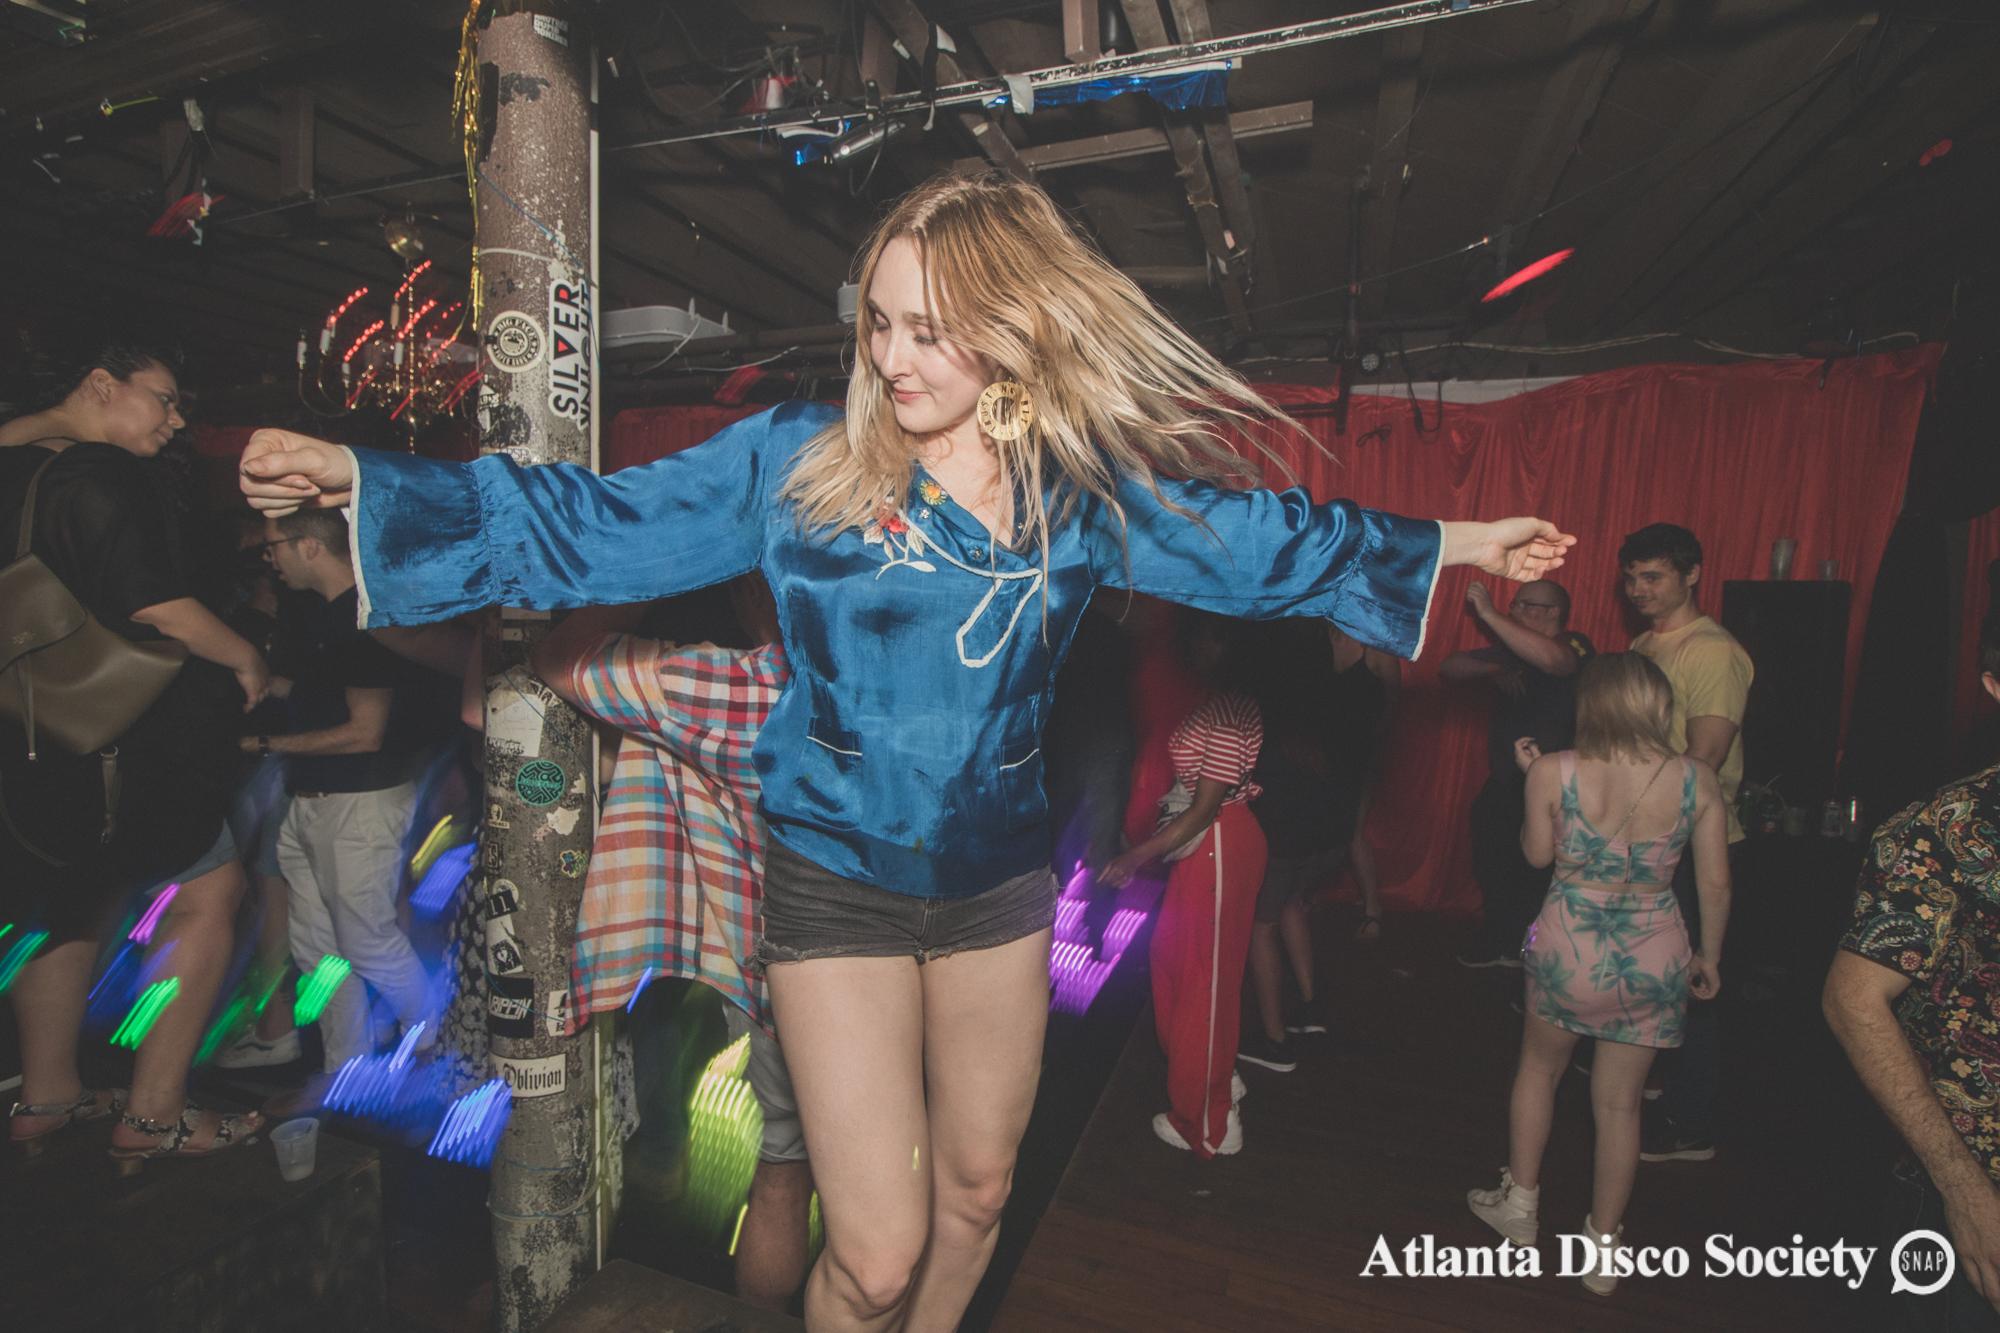 195Atlanta Disco Society Grace Kelly Oh Snap Kid 7.27.19.jpg